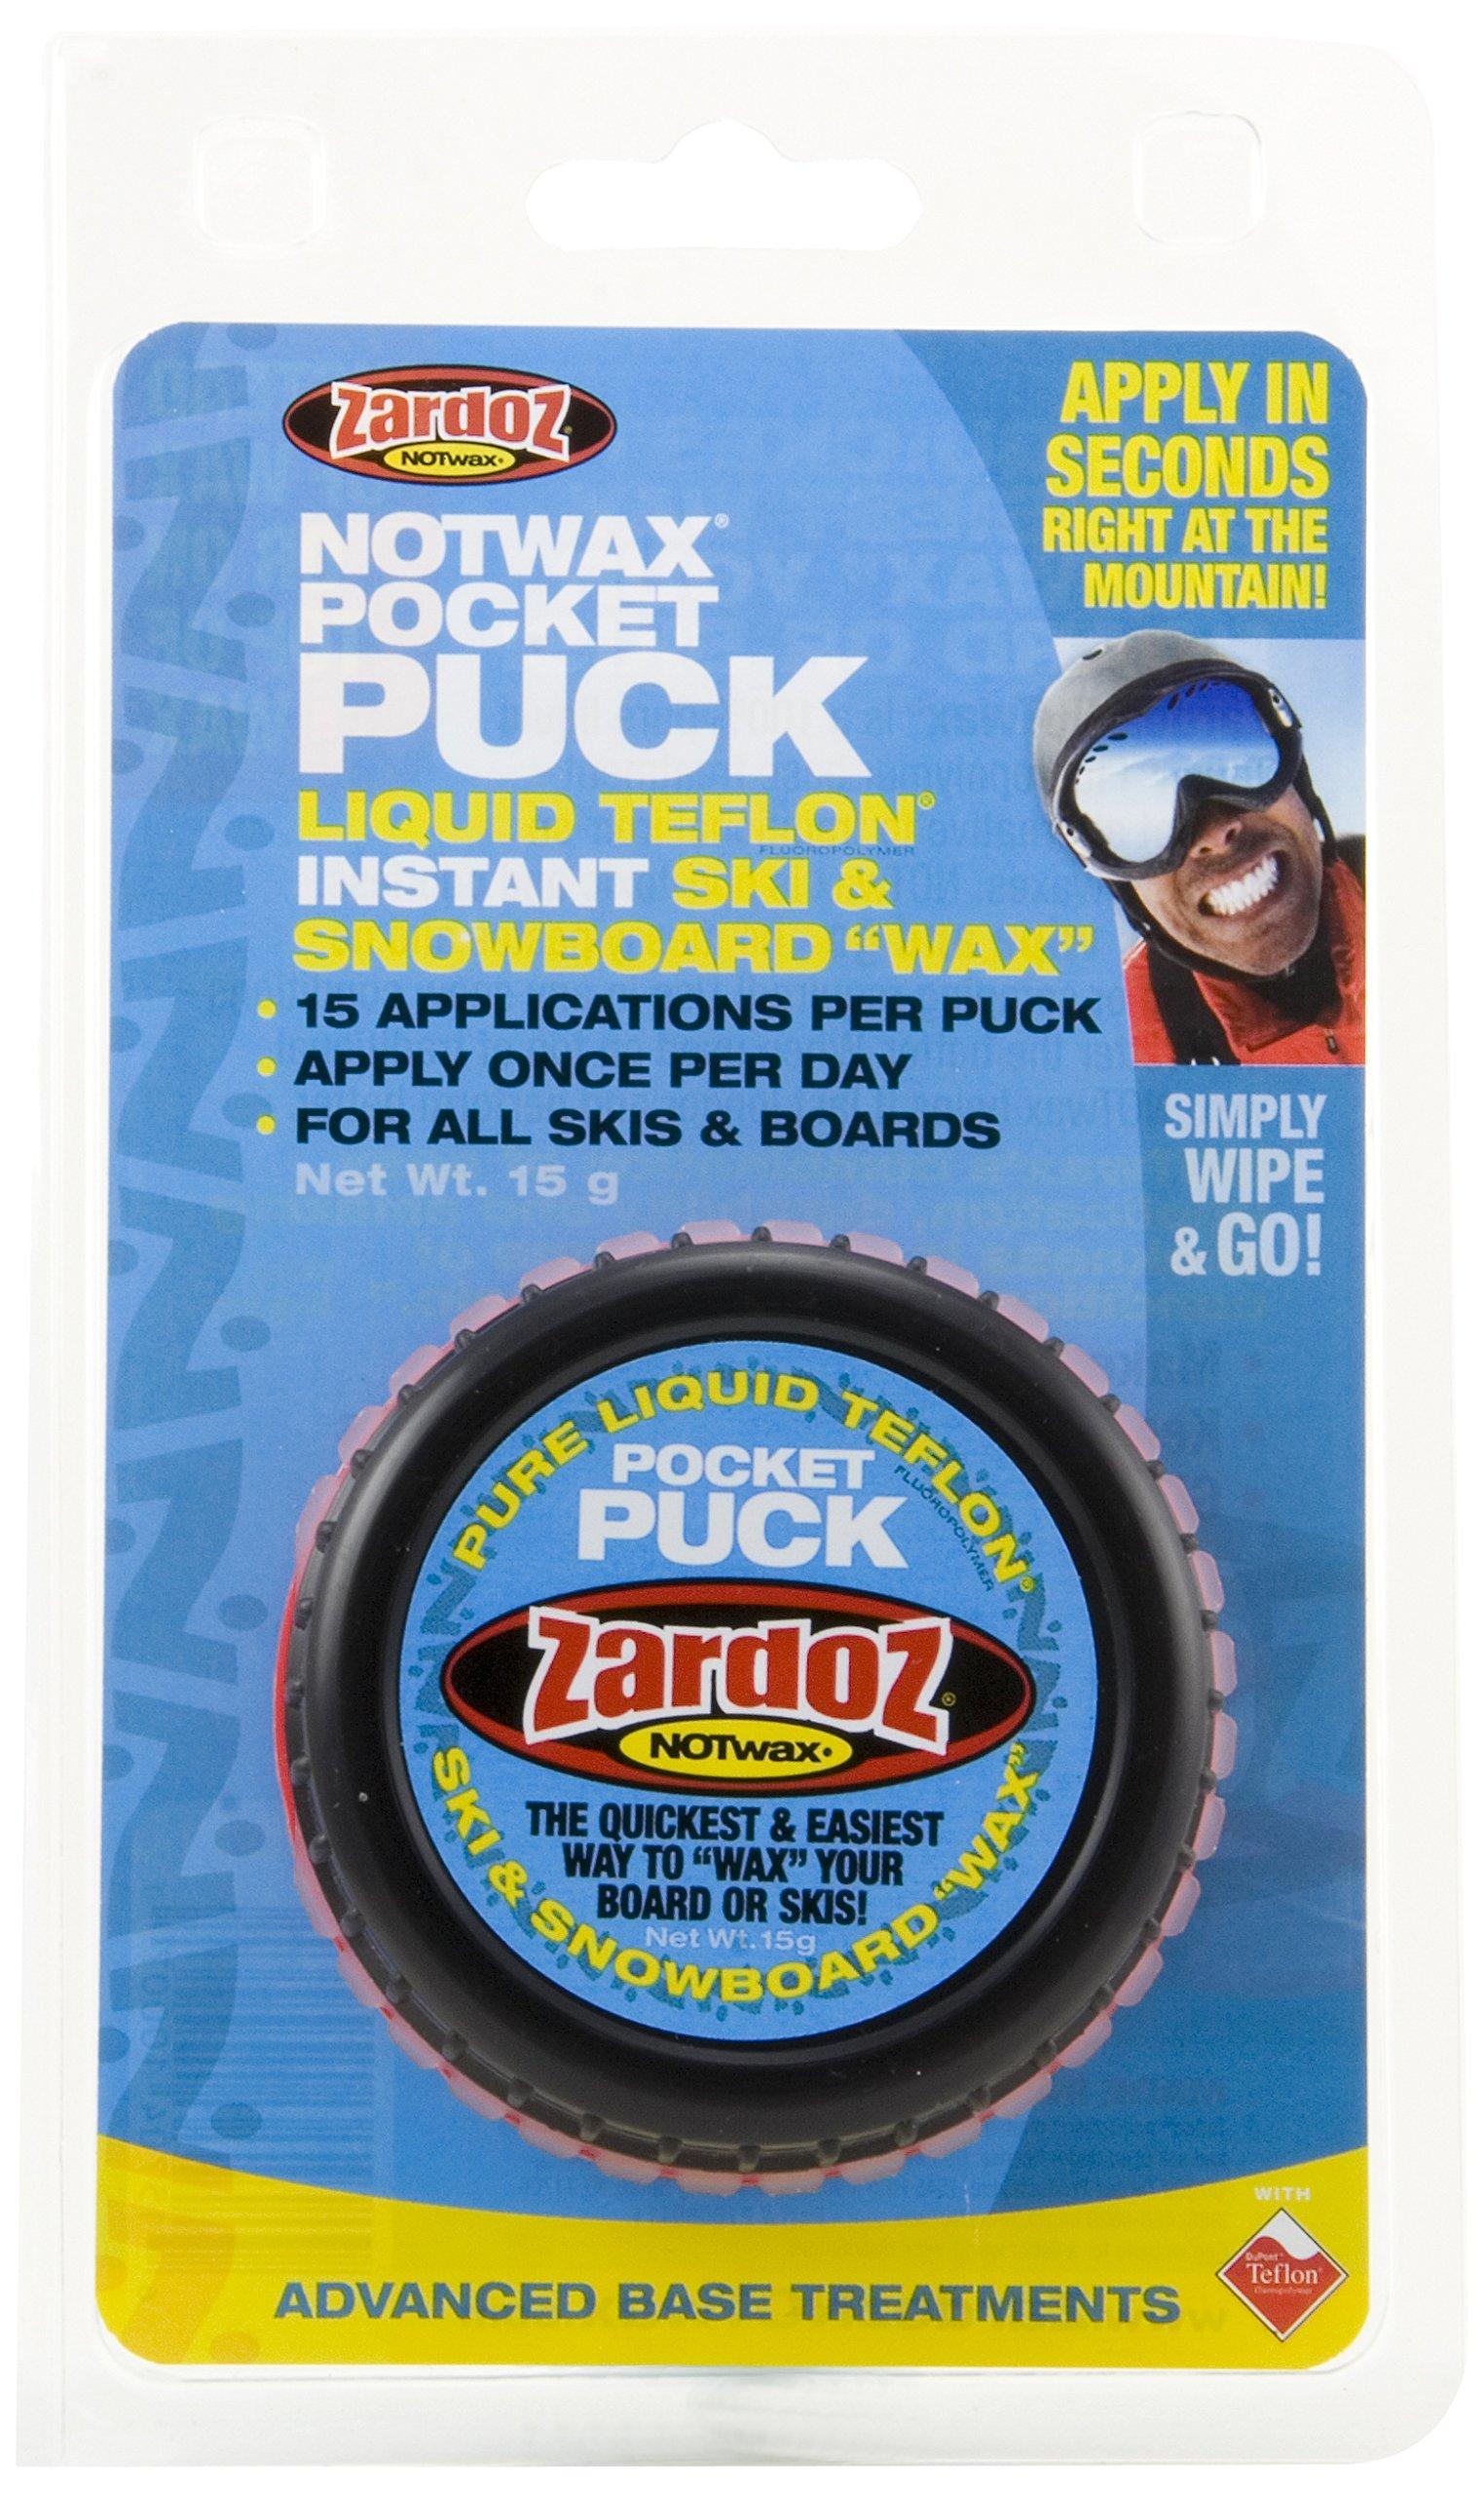 Zardoz NOTwax 15g with Pocket Puck Applicator by Zardoz NOTwax (Image #1)